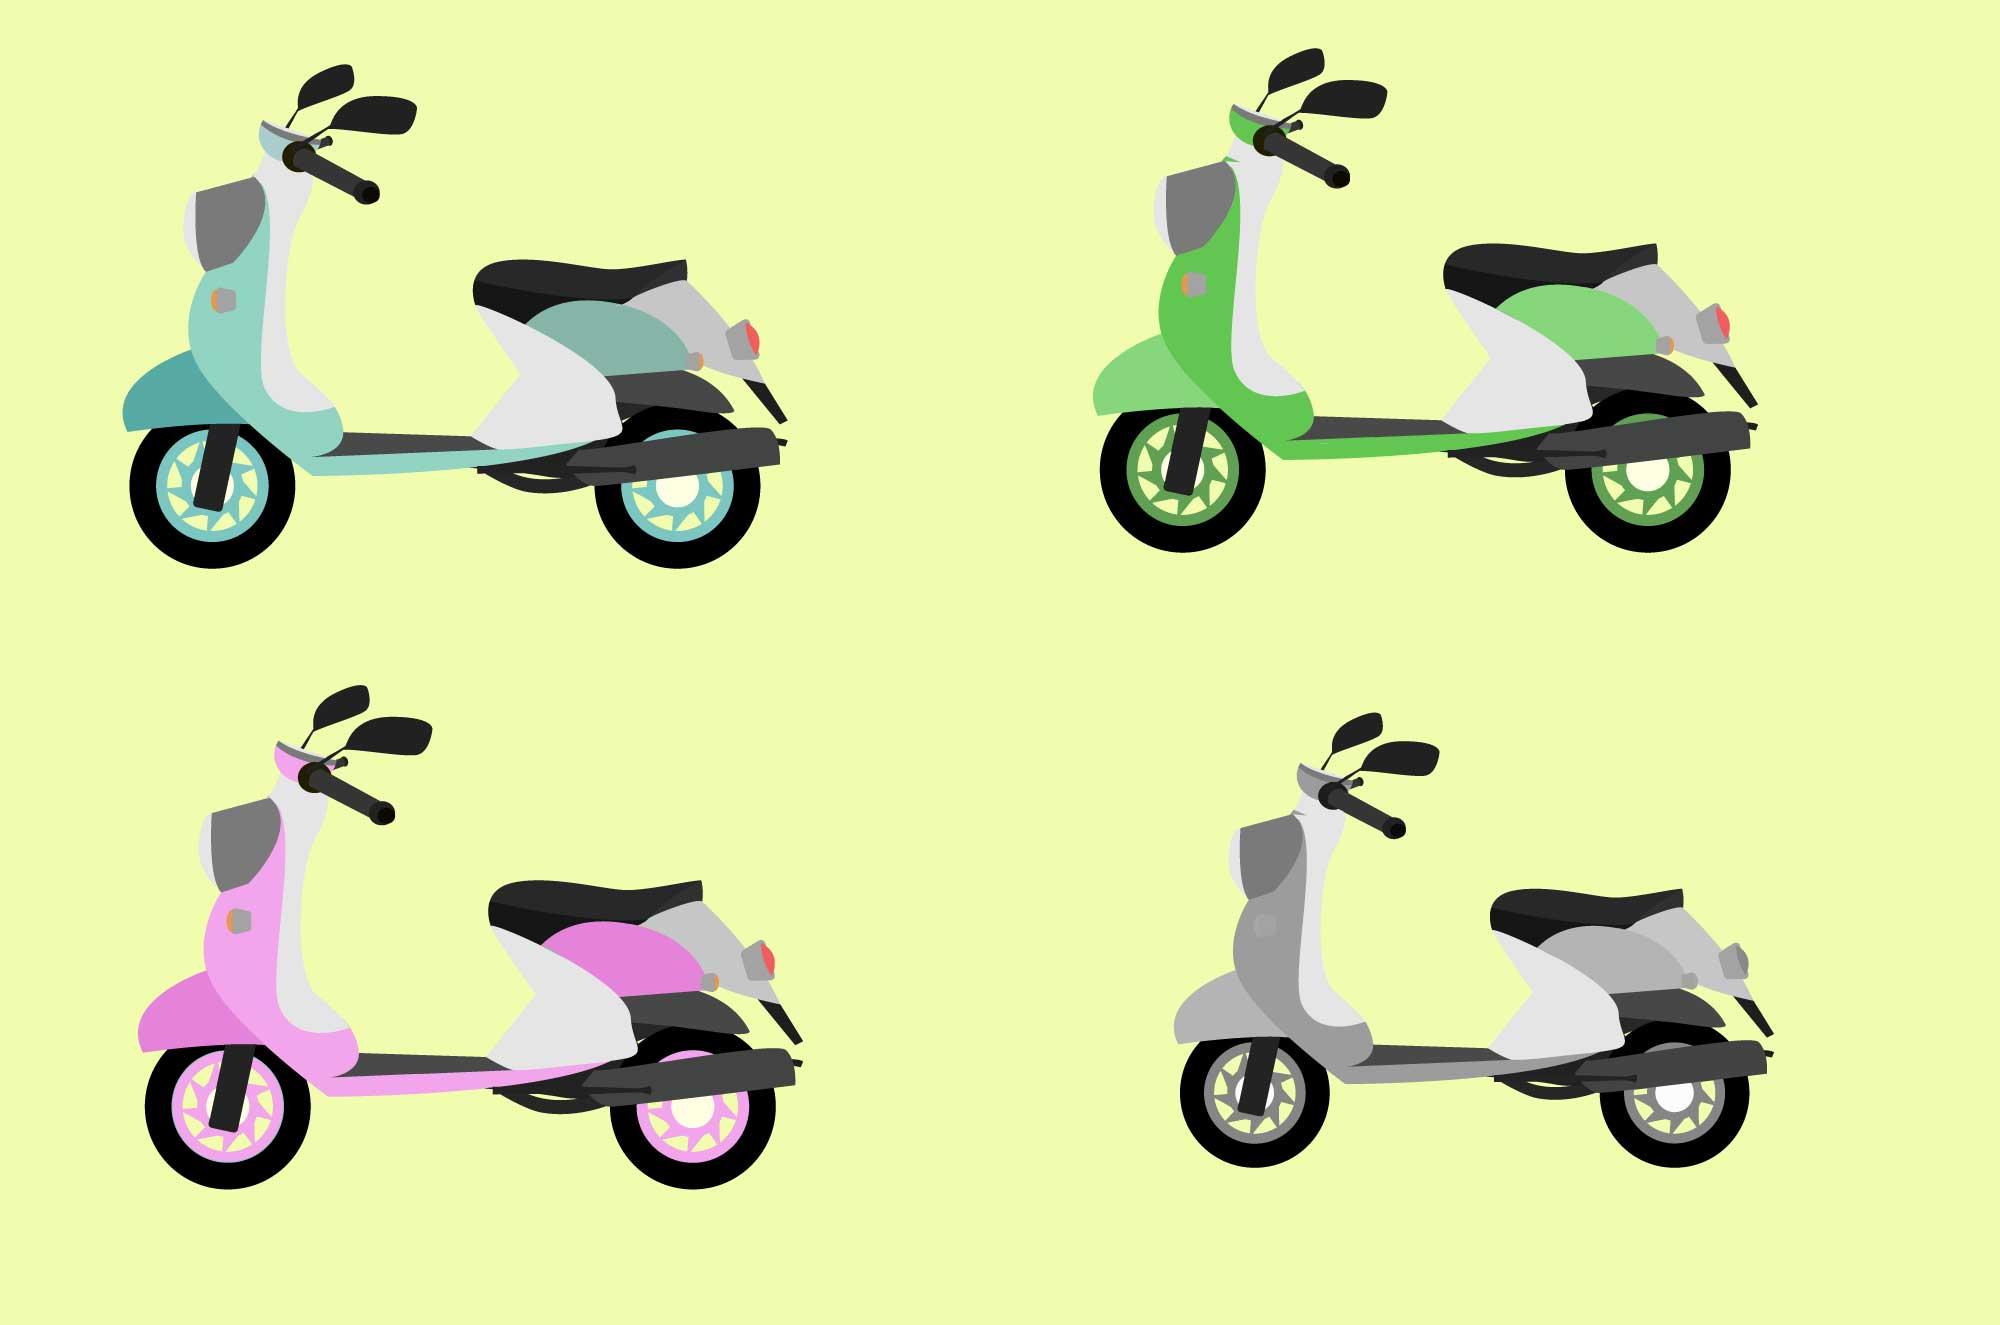 可愛いスクーターの無料イラスト - 街の乗り物素材